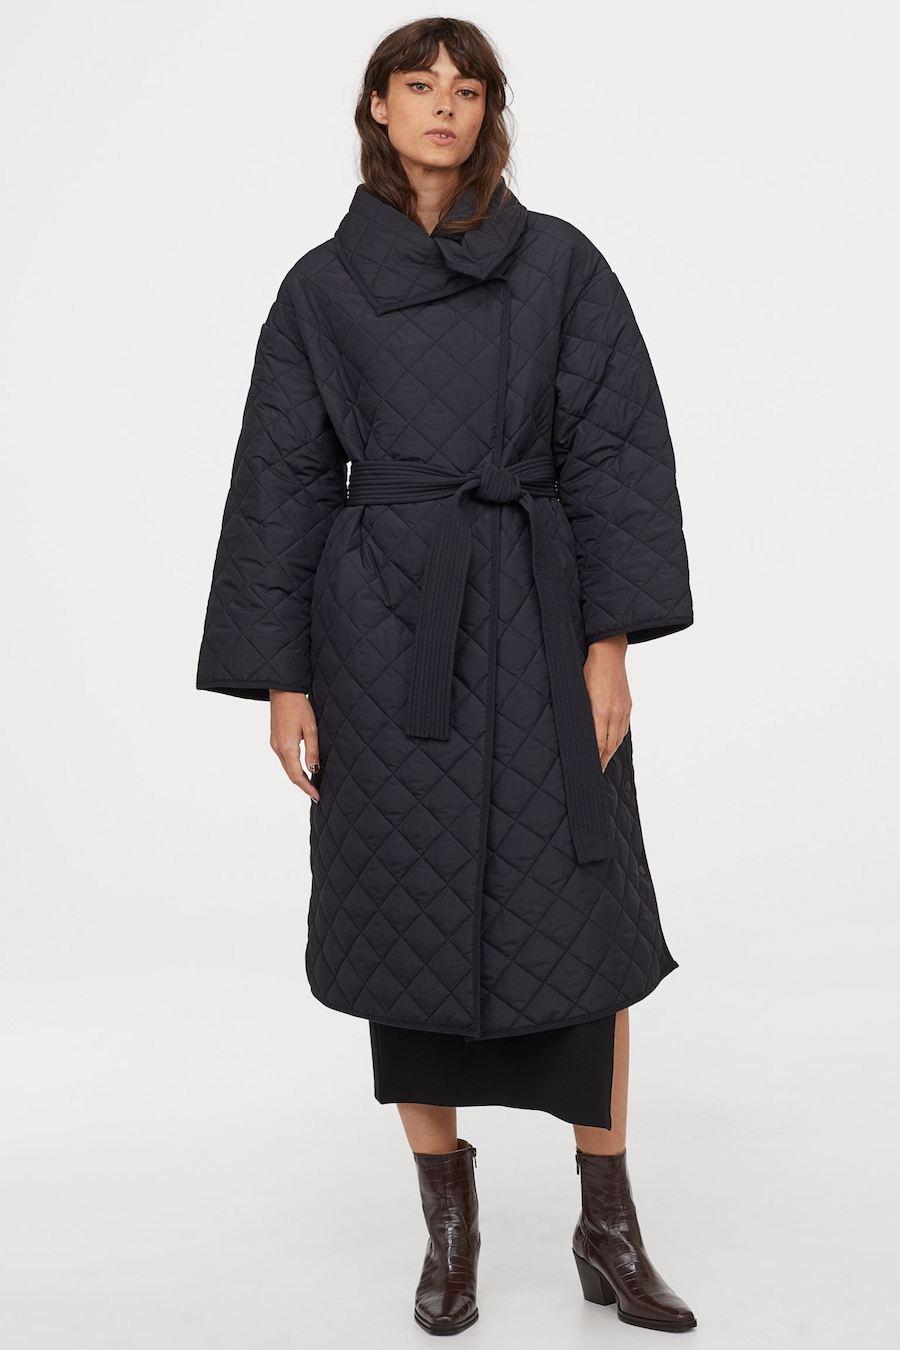 Abrigo guateado